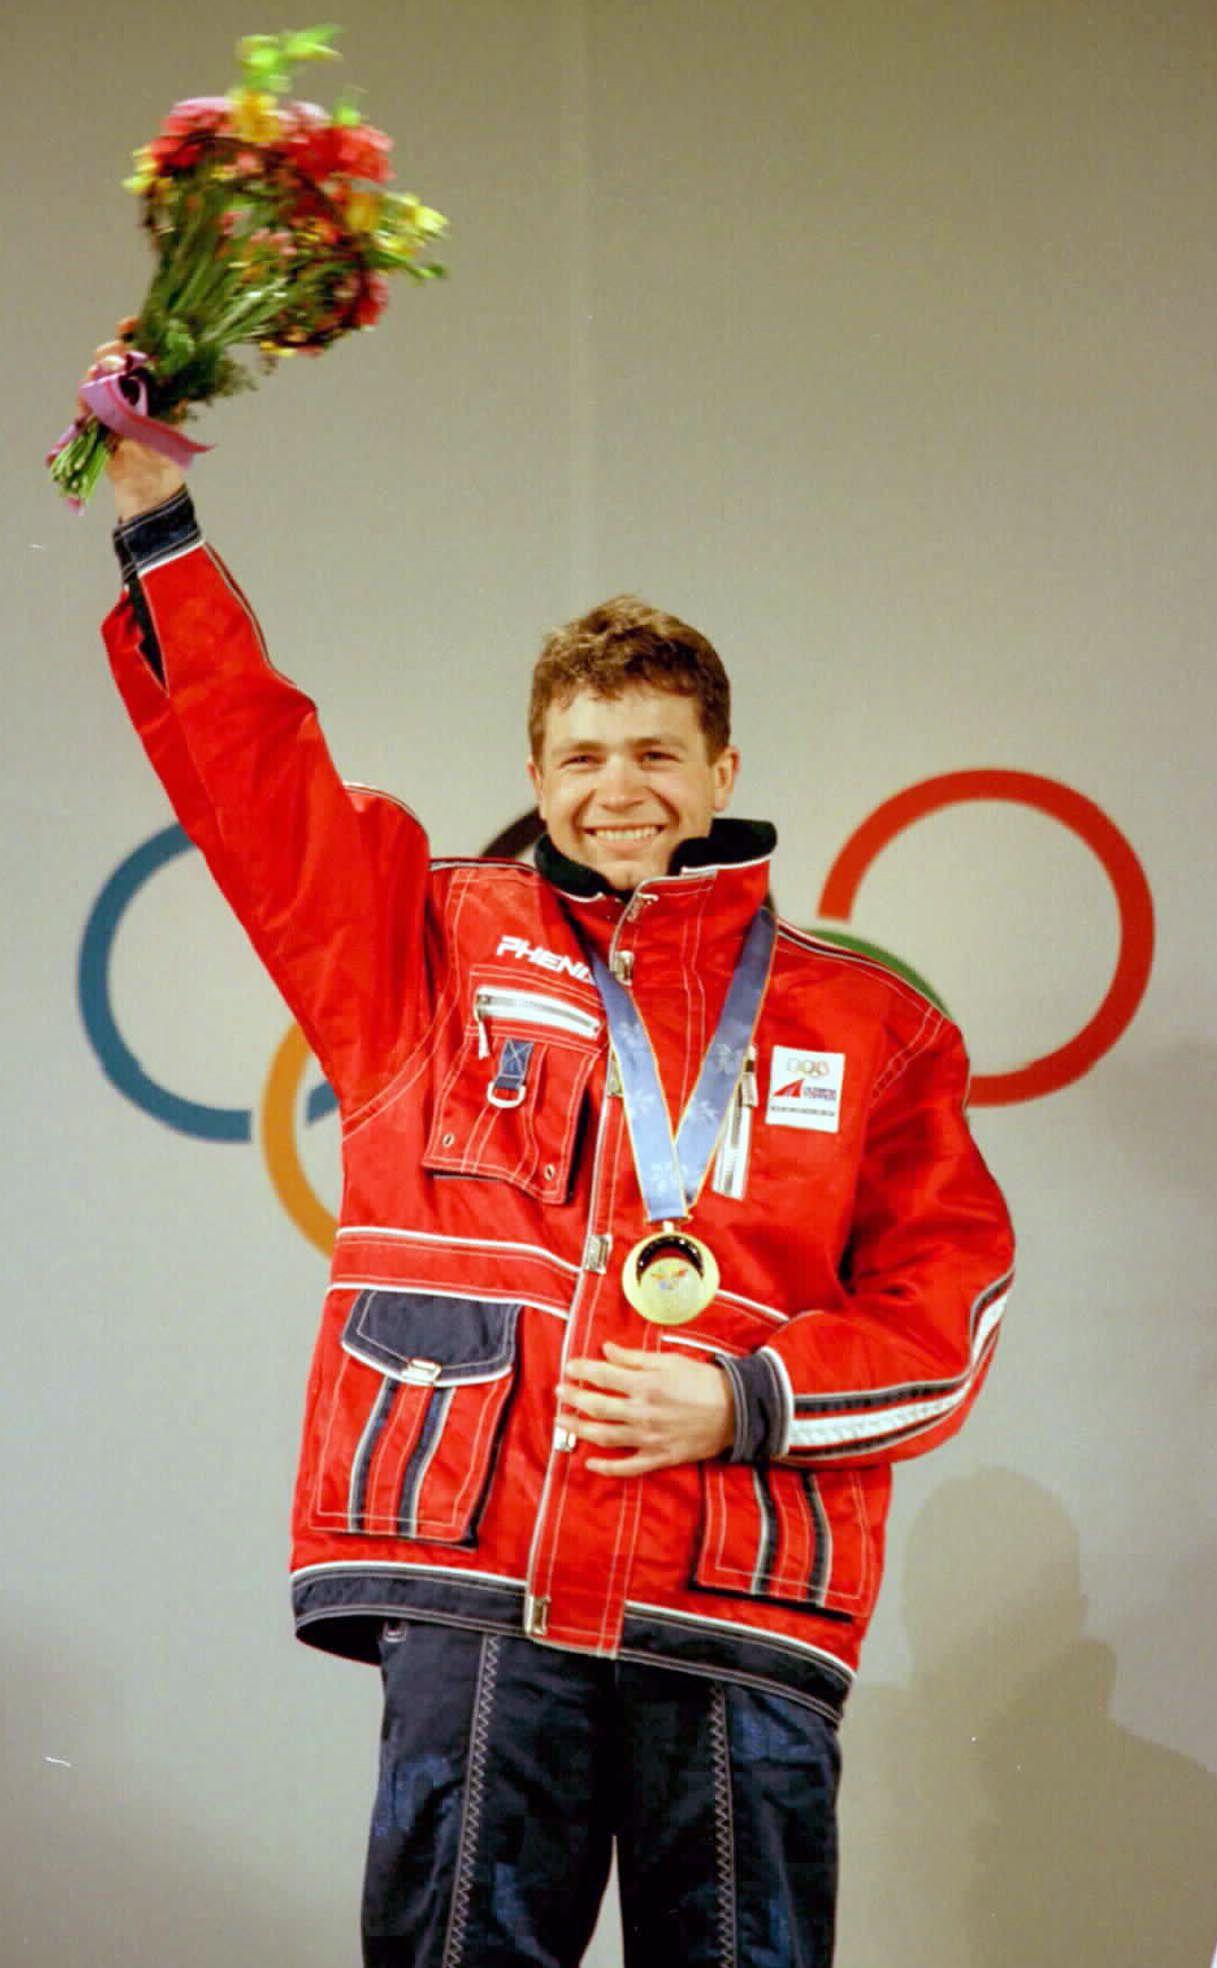 Her har Ole Einar Bjørndalen akkurat mottatt gullmedaljen fra sprinten i Nagano-OL i 1998.